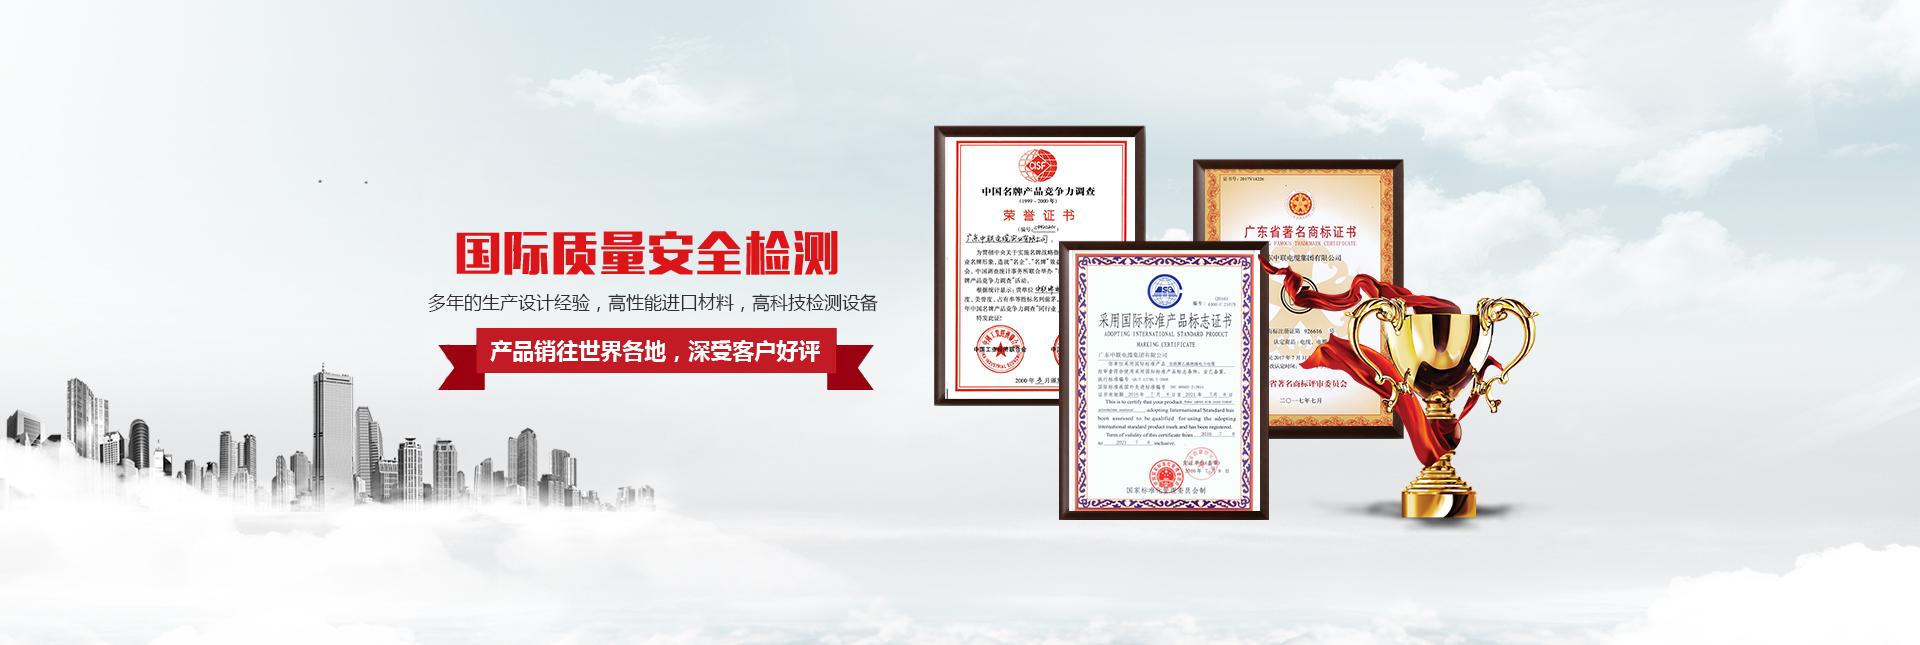 国际质量检测标准_中联电缆_广州分站